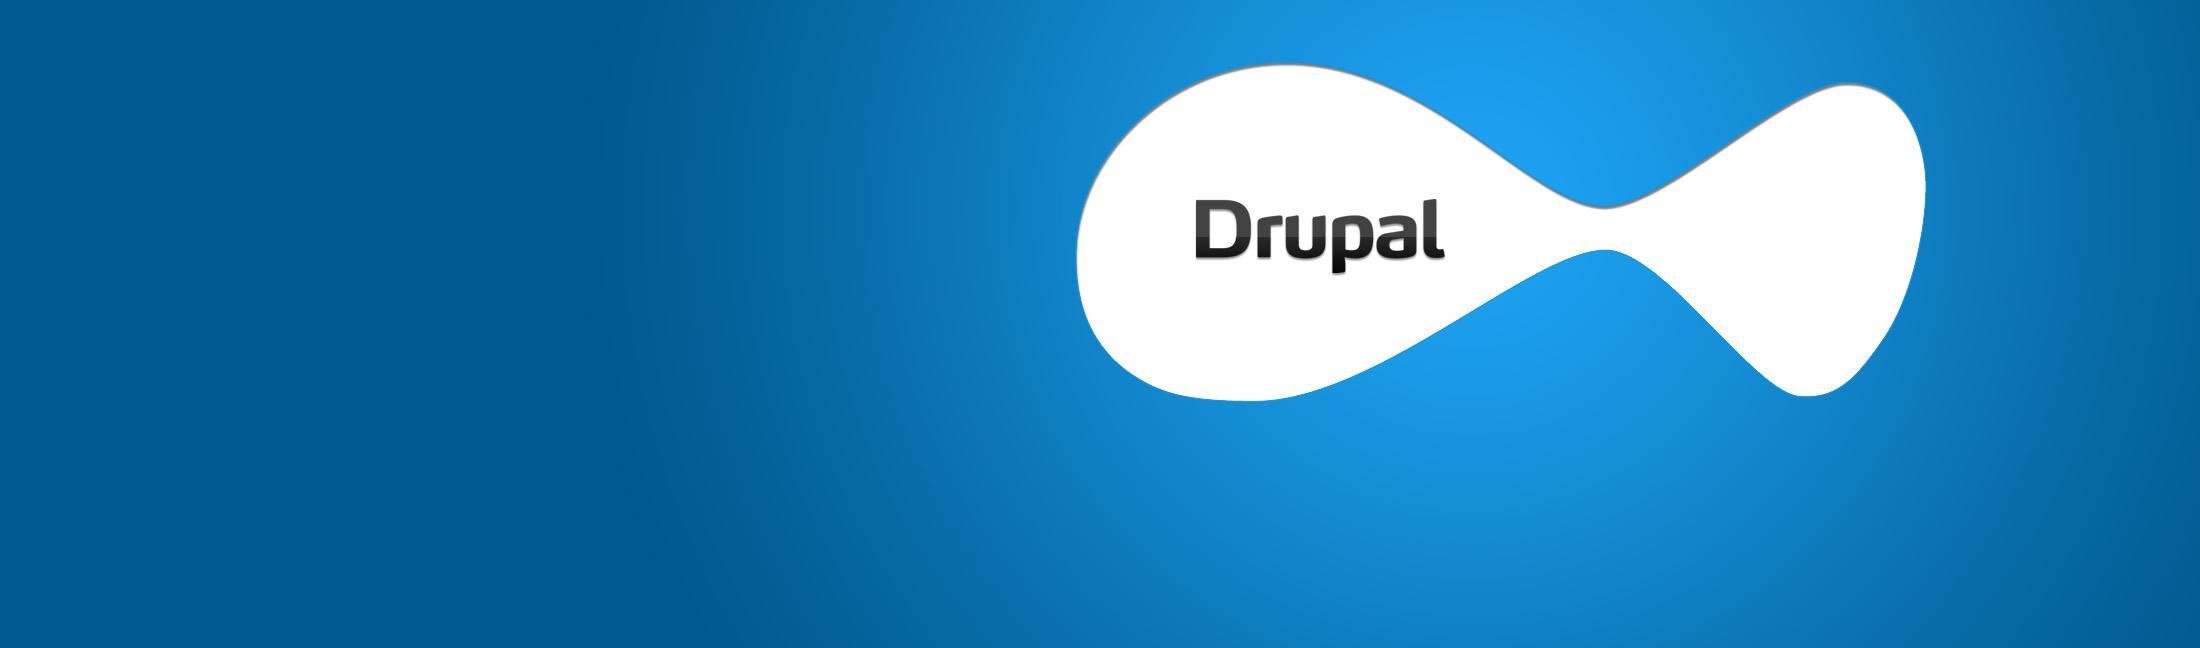 drupal-banner